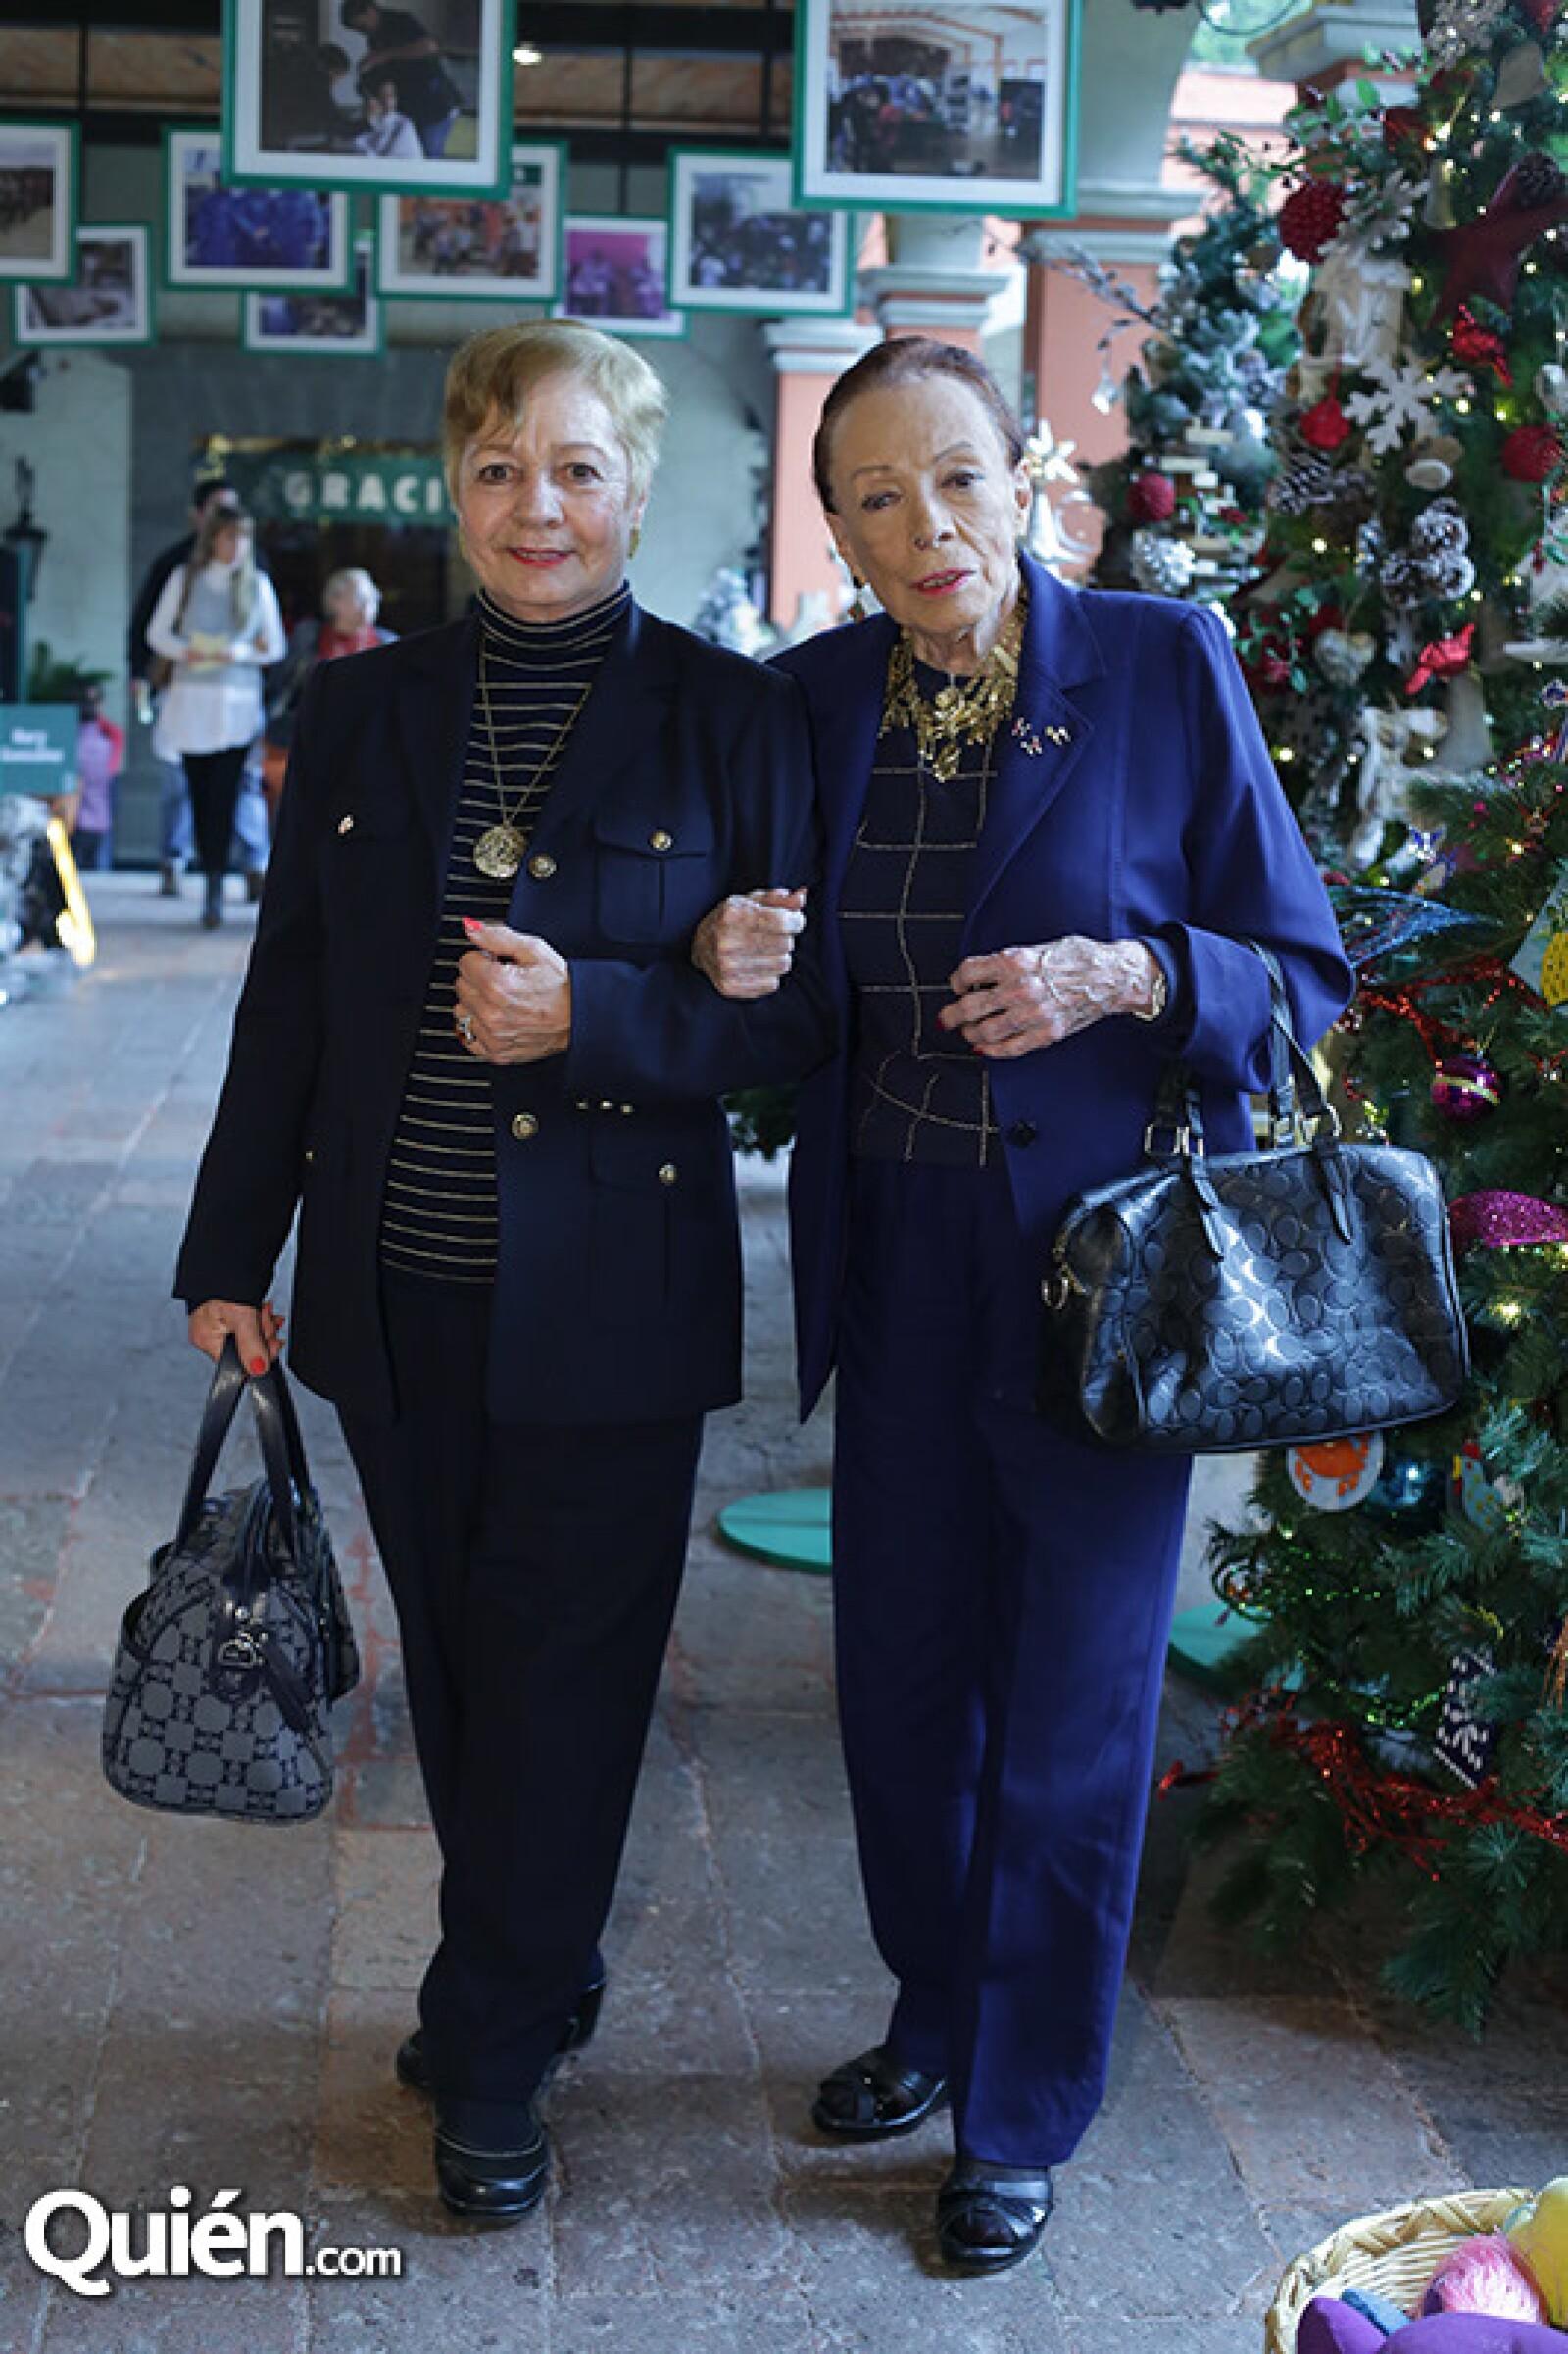 María de los Ángeles Martínez y Helvia Matínez